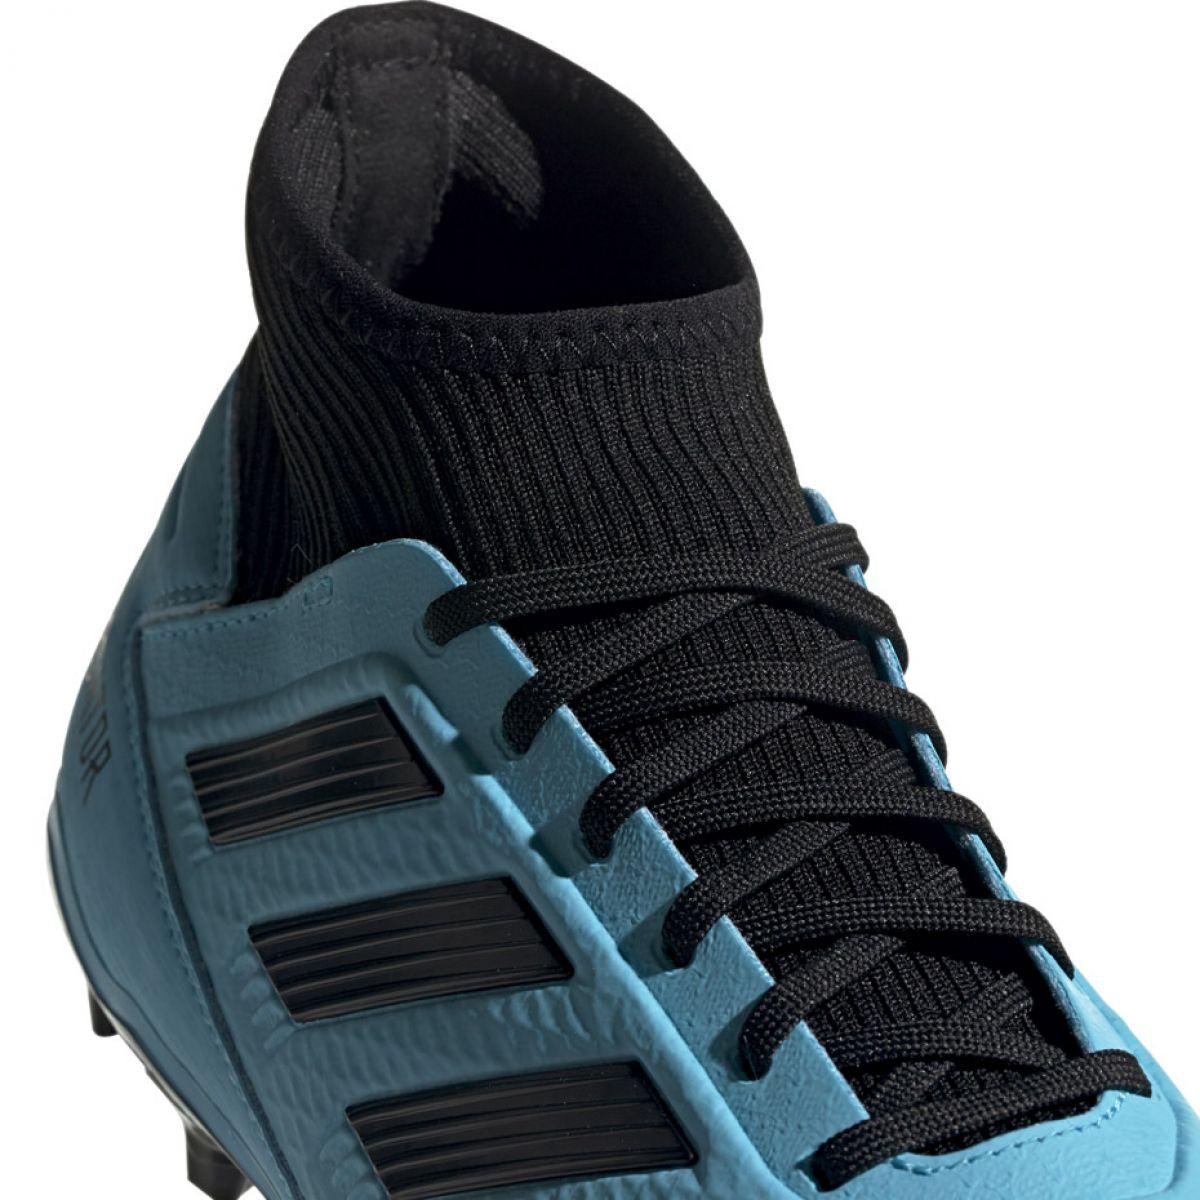 Chuteiras de futebol adidas Predator 19.3 Fg M F35593 blue azul azul